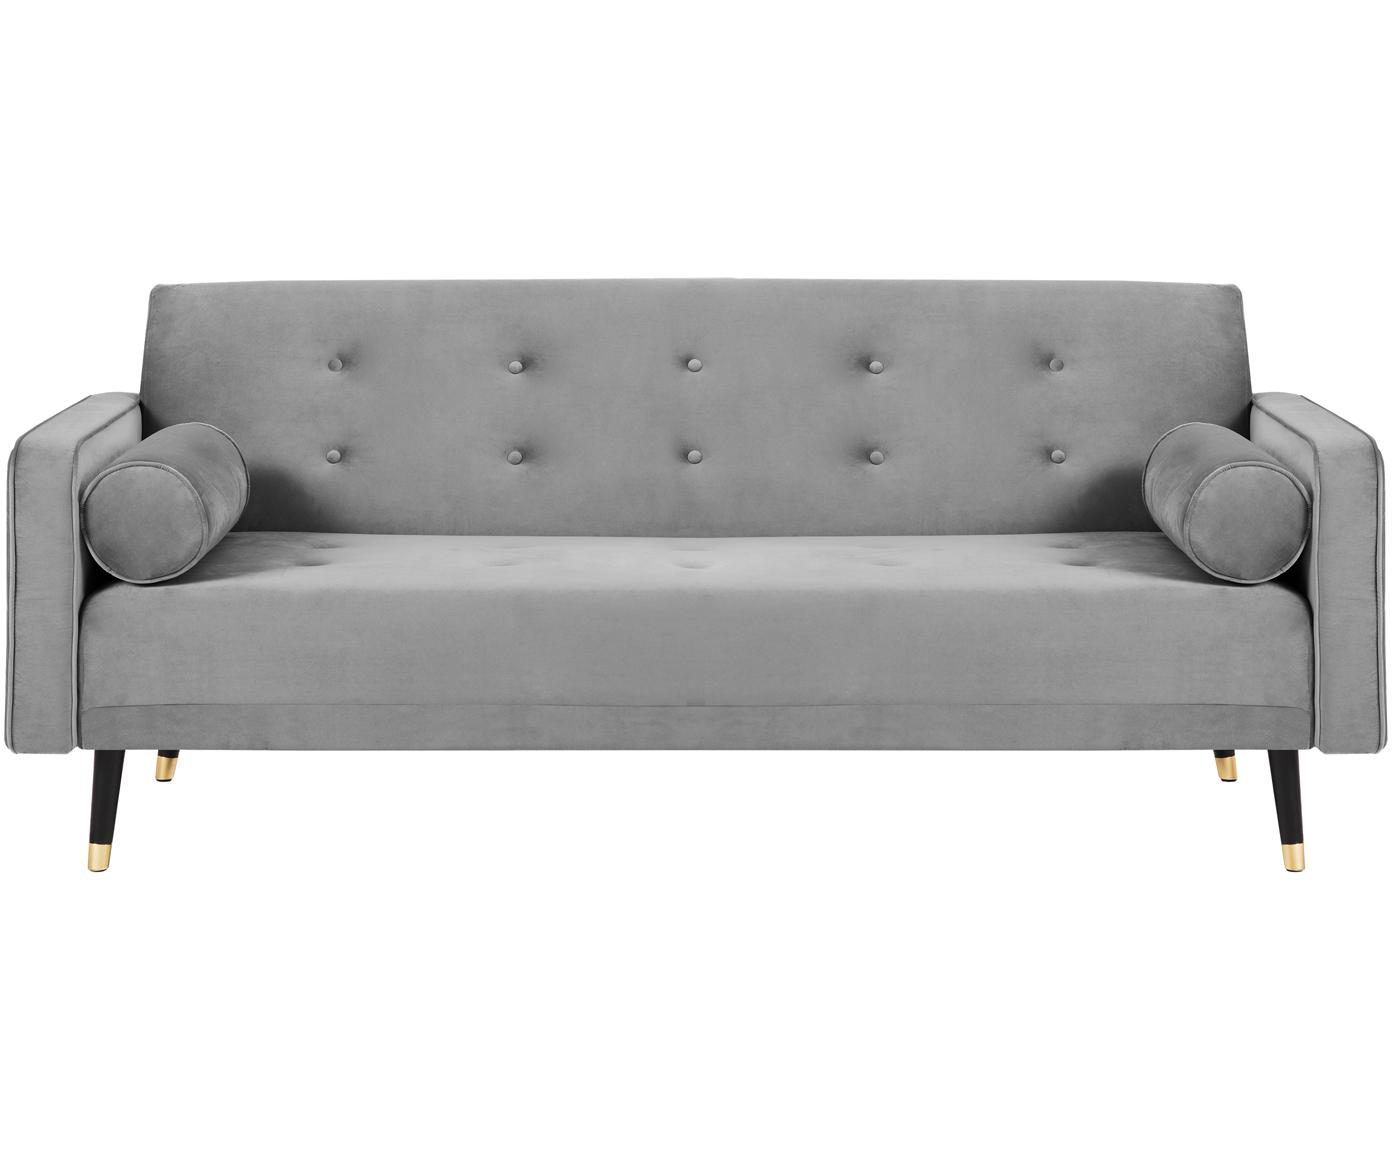 Sofa rozkładana z aksamitu Gia (3-osobowa), Tapicerka: aksamit poliestrowy, Nogi: drewno bukowe, lakierowan, Jasny szary, S 212 x G 93 cm